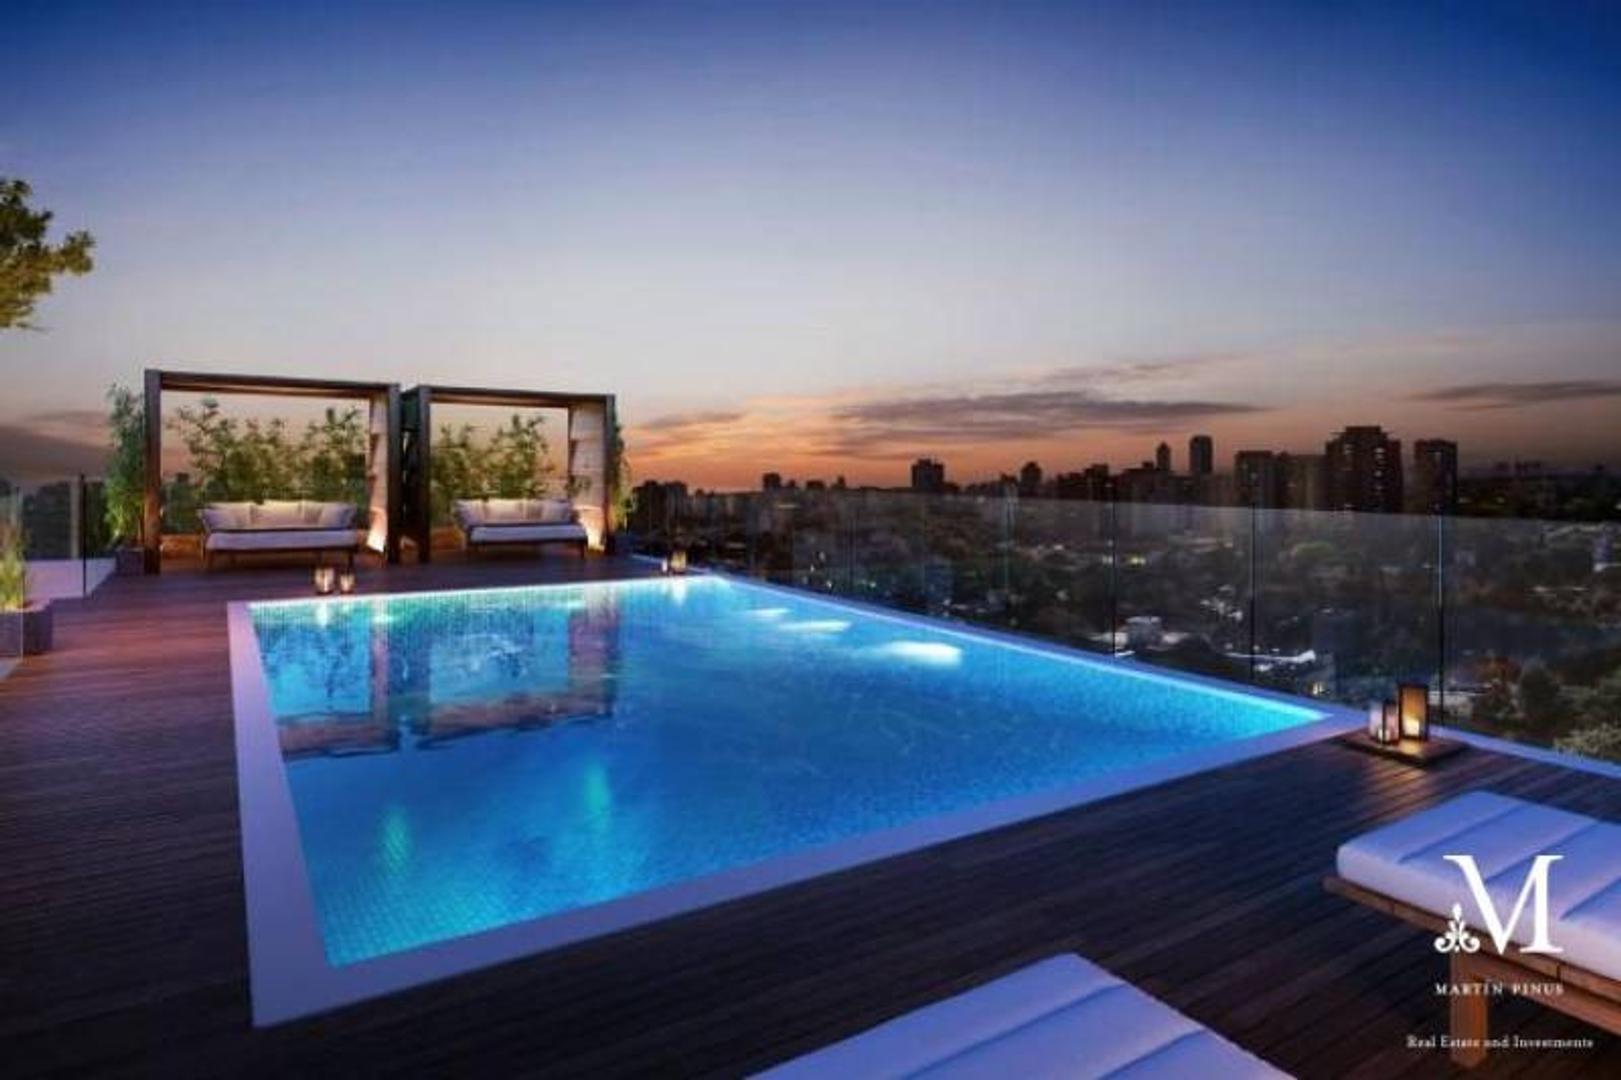 PALERMO CHICO - TORRE BOSCHETTO SEGUI - 4 AMB con terraza 20 m2